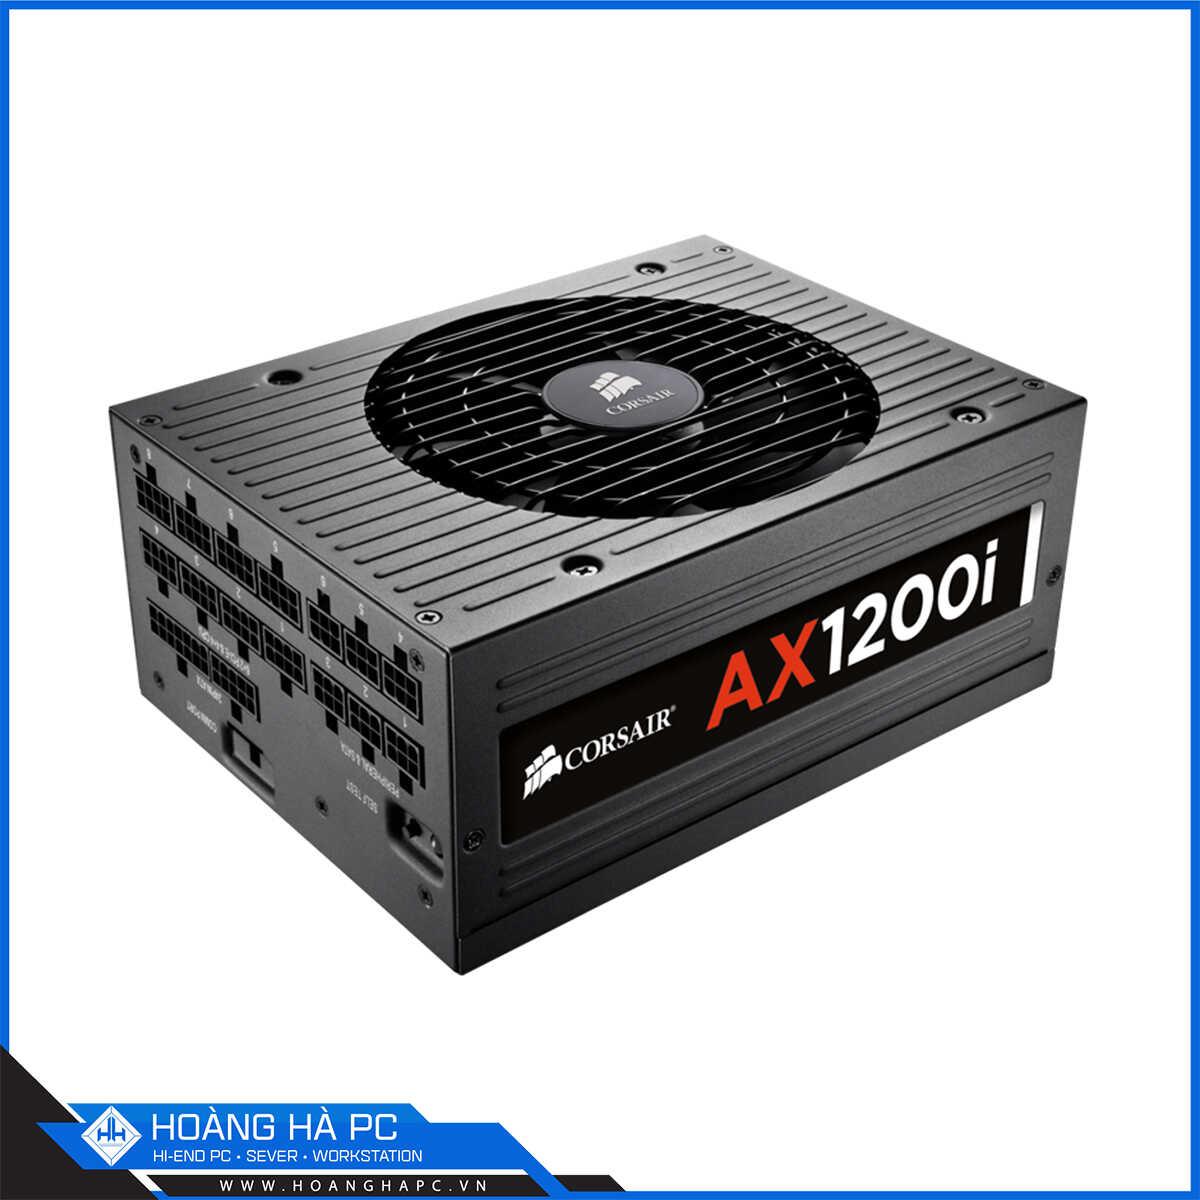 Corsair AX 1200i - 80 Plus Platinum